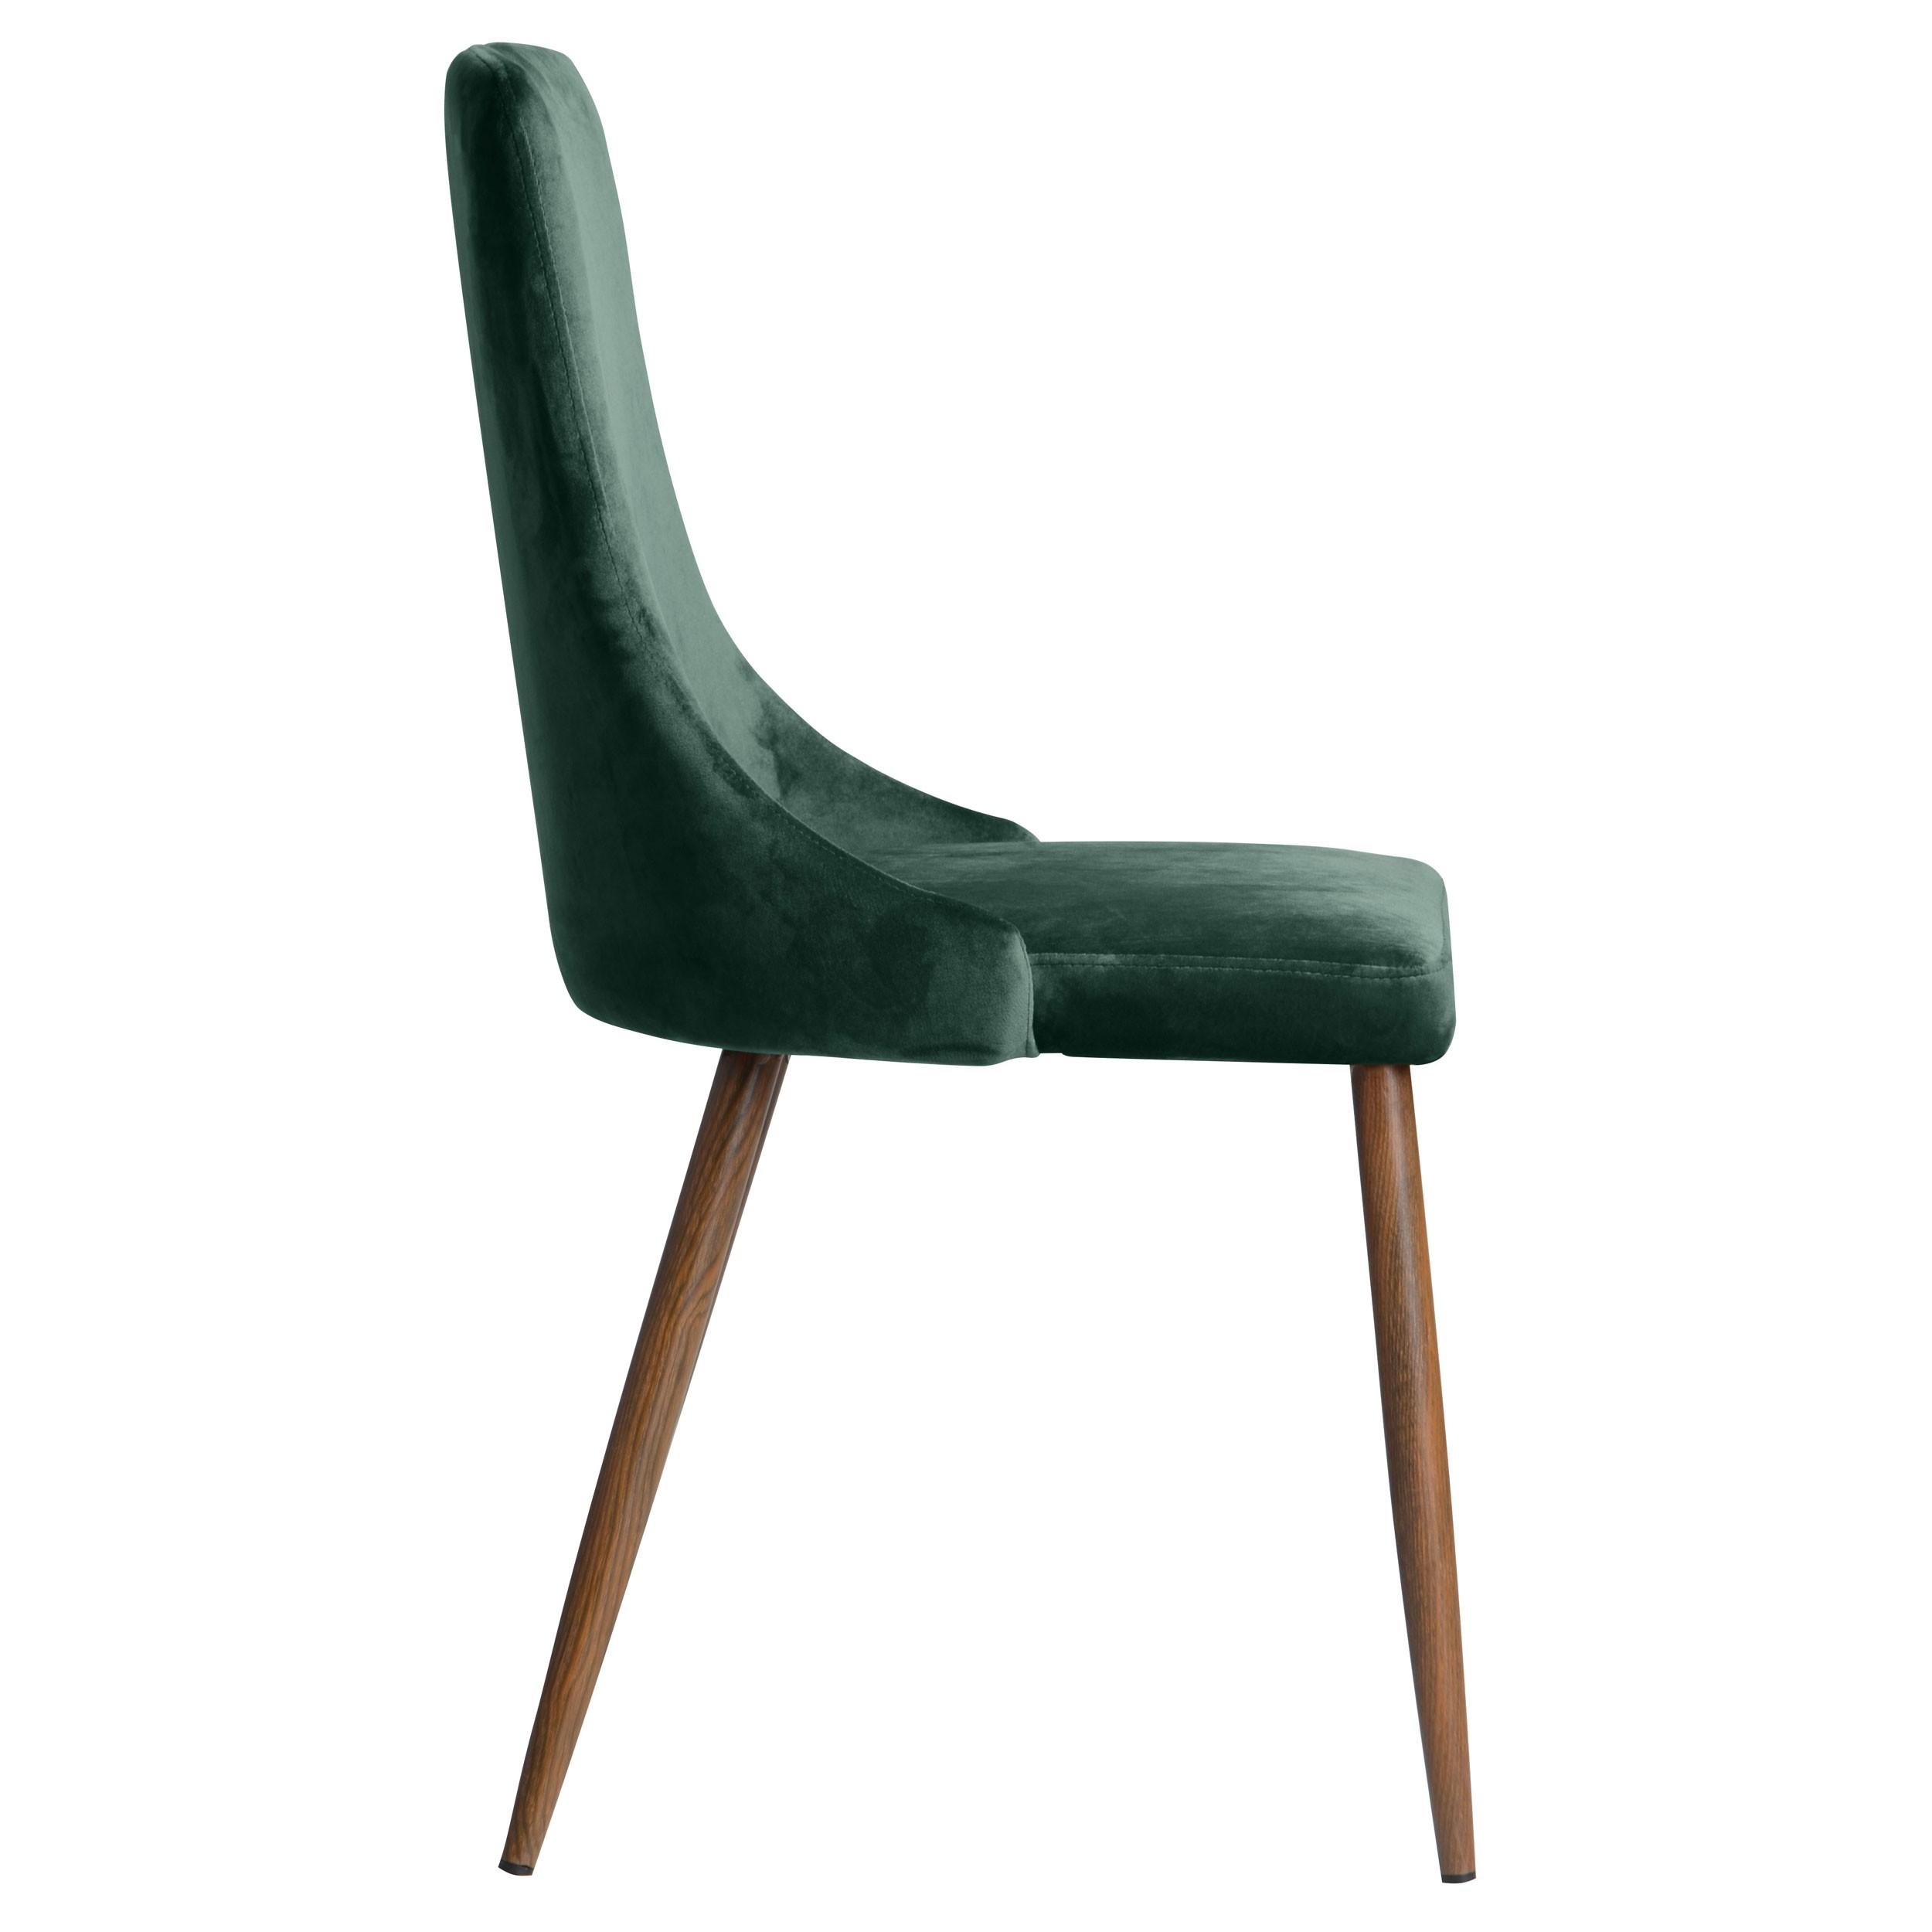 Chaise vinni en velours vert lot de 2 commandez nos chaises vinni en velours vert rdv d co - Prix d un rempaillage de chaise ...